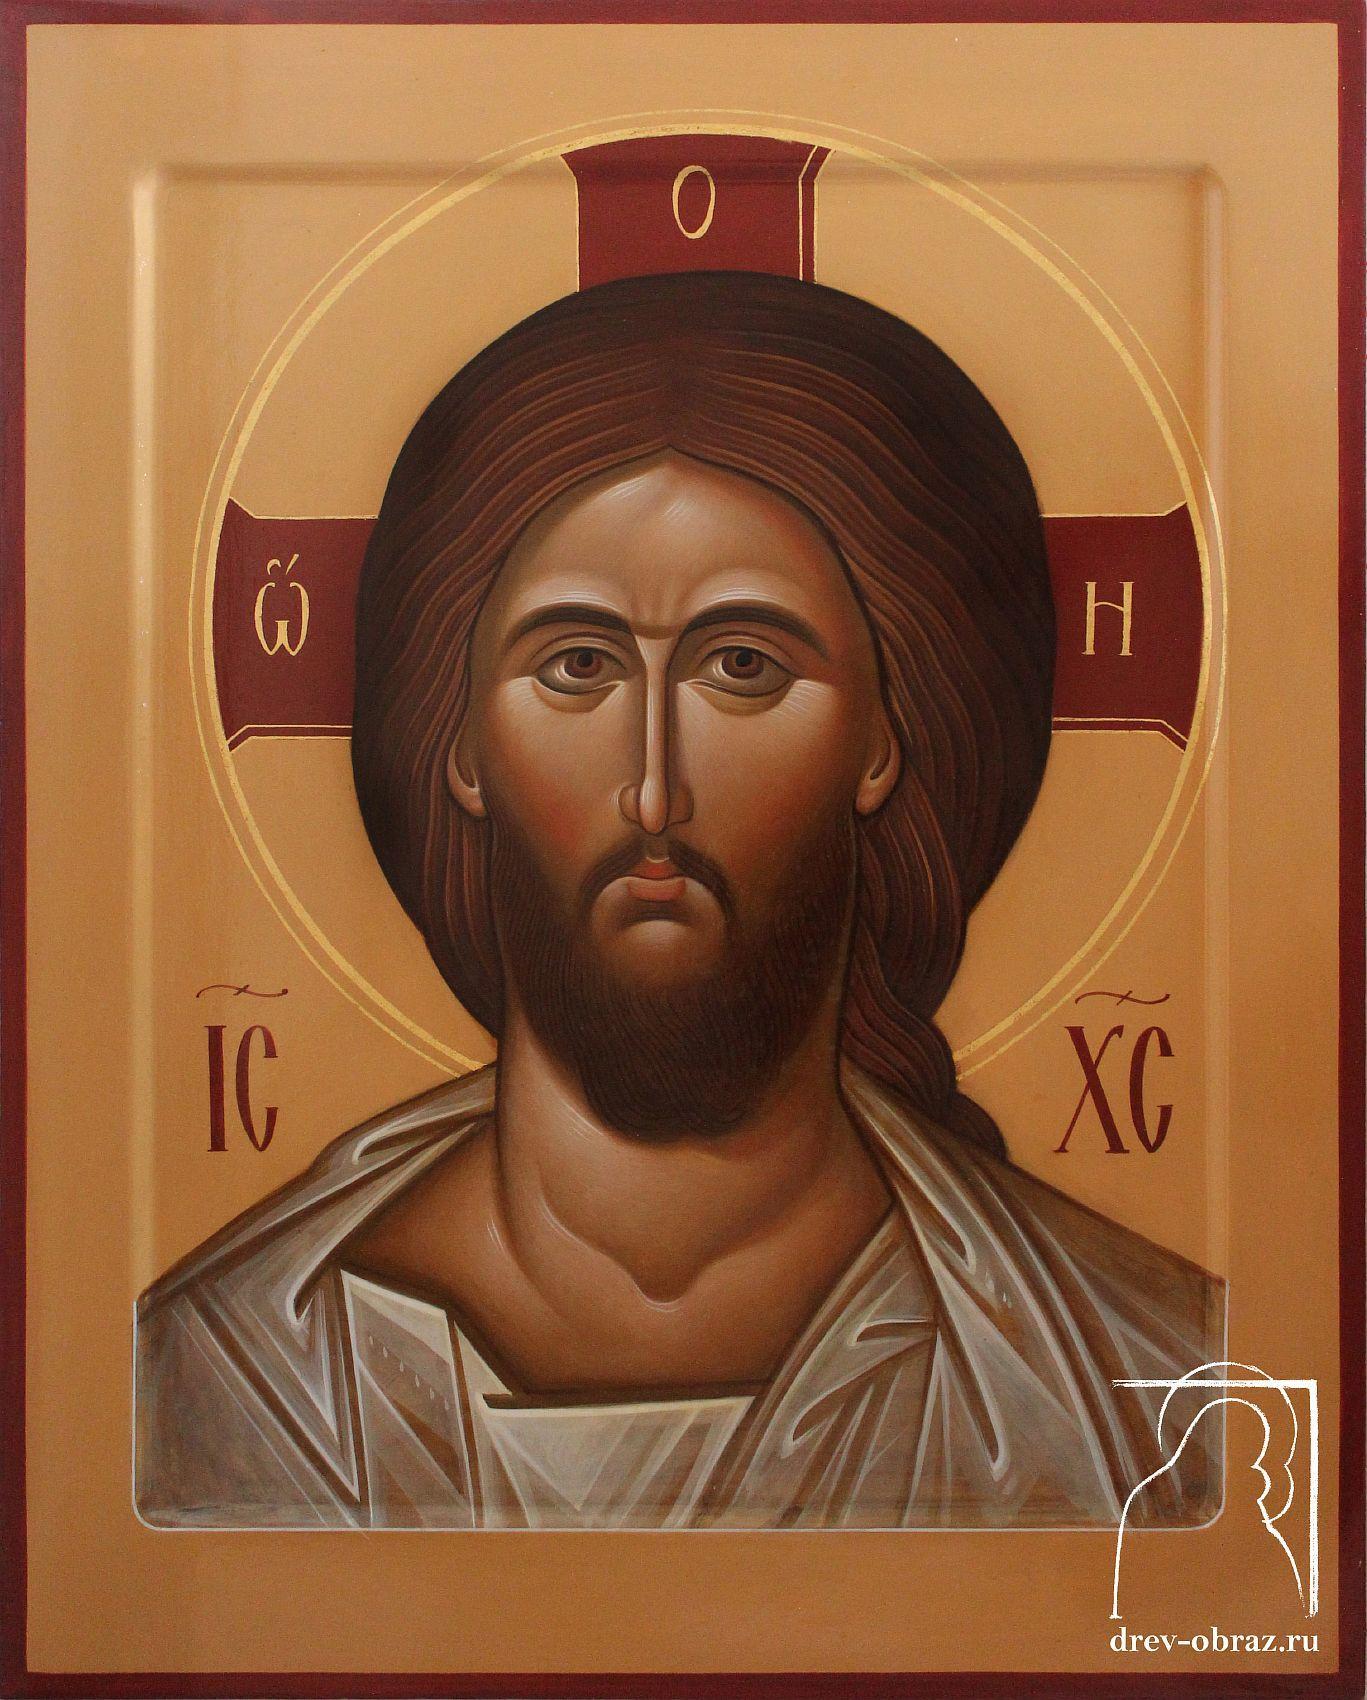 Икона иисус христос. иконография иисуса христа: самые известные иконы, значение, в чем помогают, как молиться